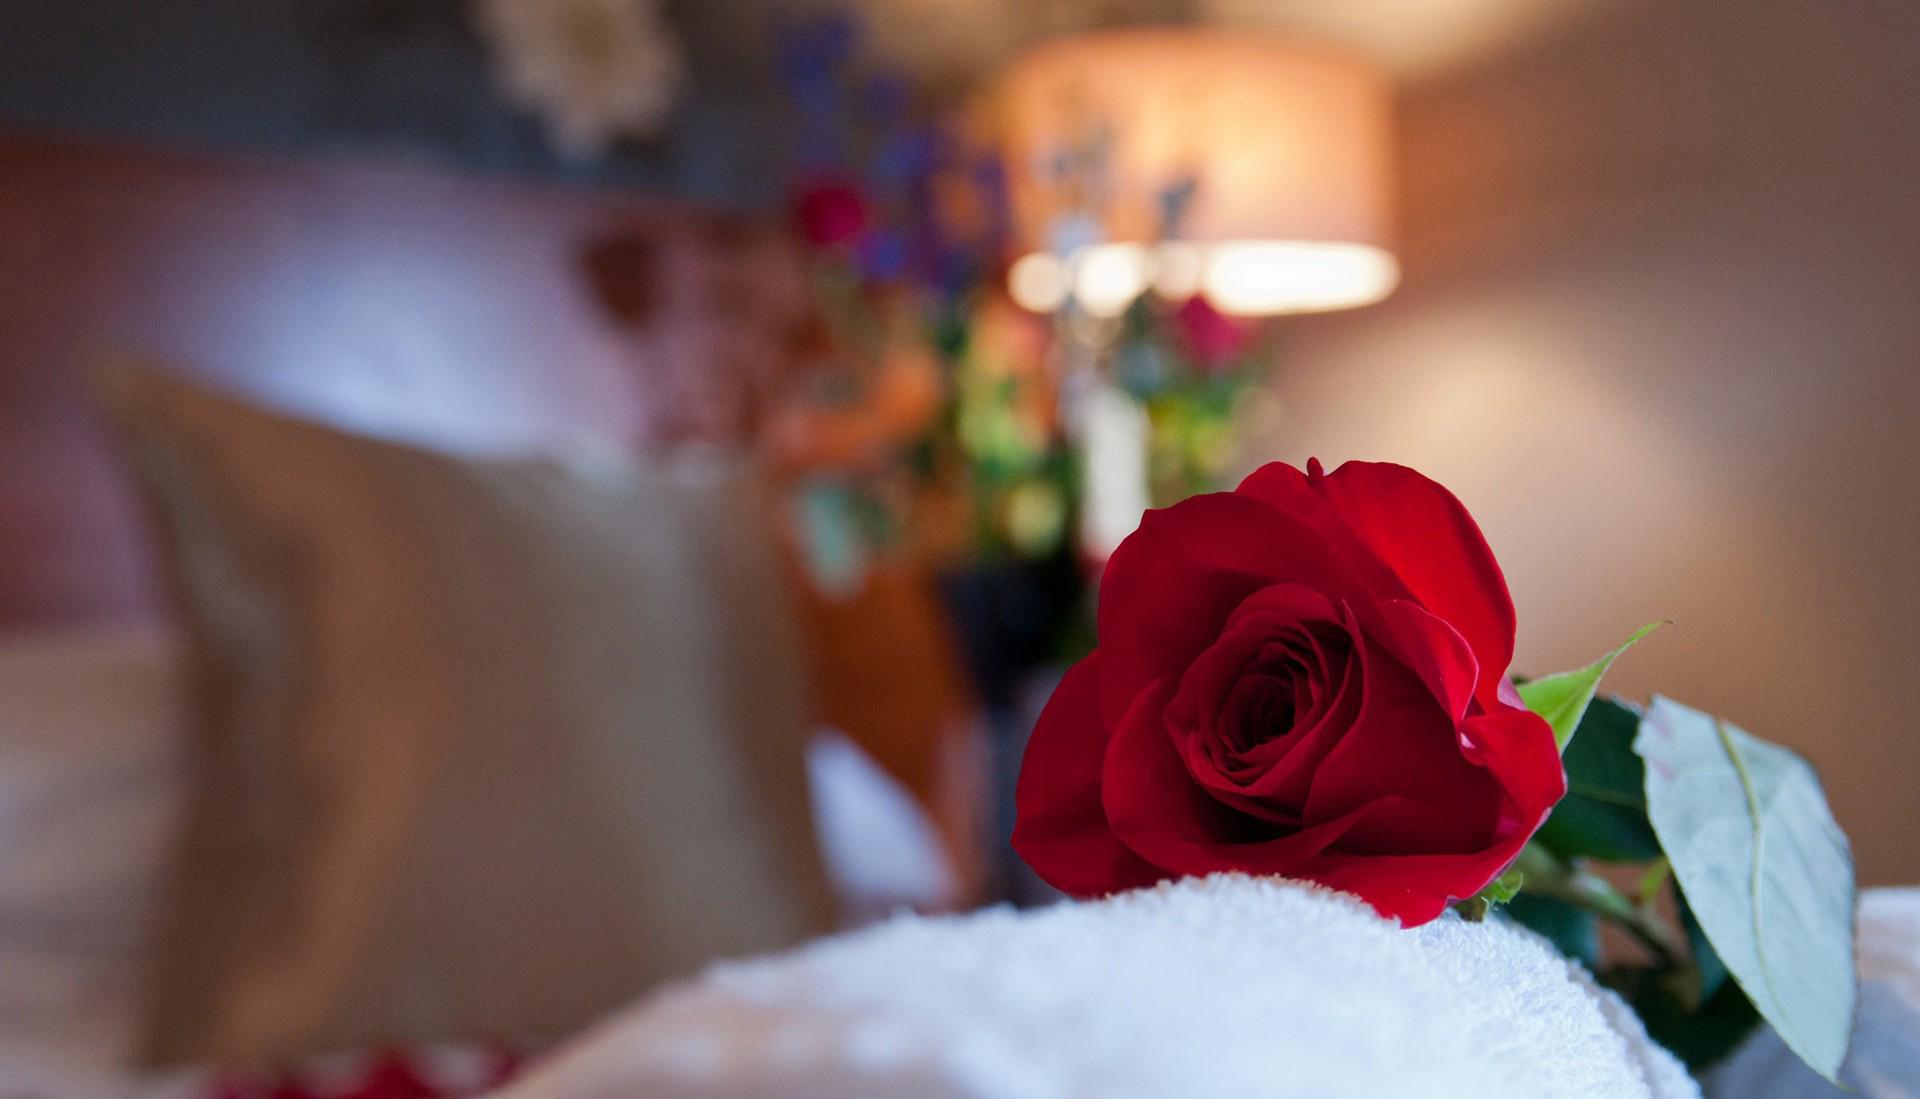 Как извиниться перед девушкой цветами Все цветы 3